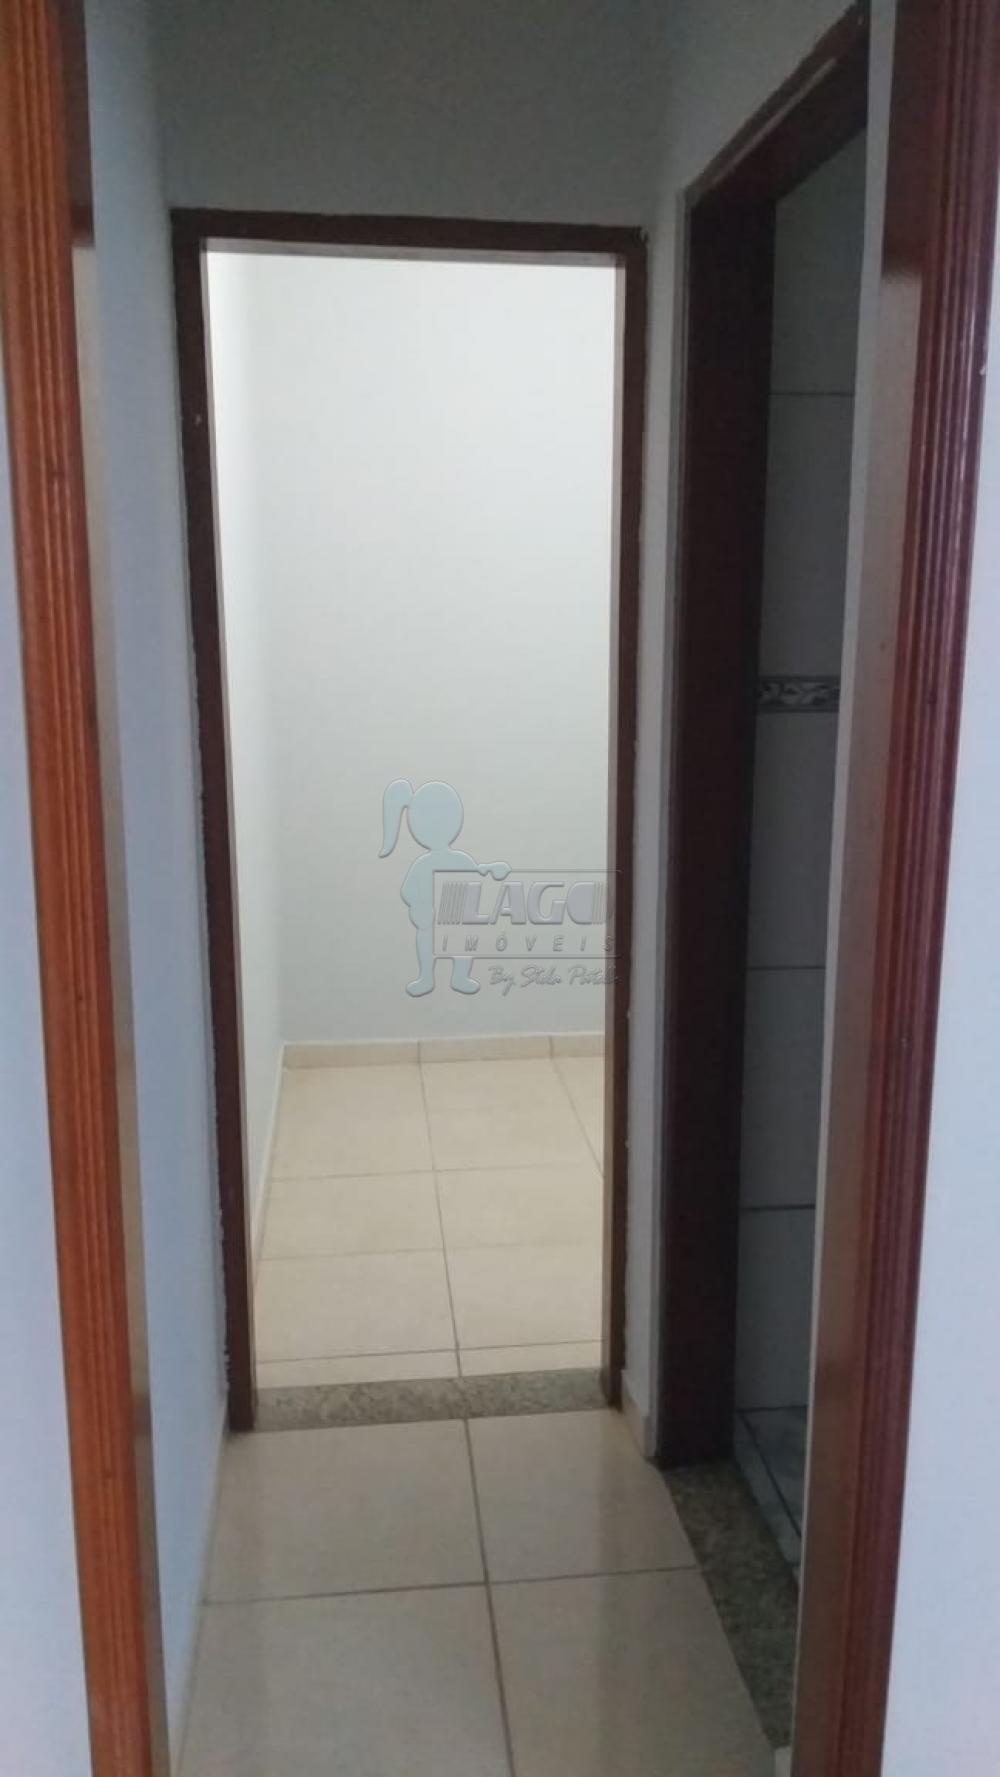 Comprar Casas / Padrão em Ribeirão Preto apenas R$ 220.000,00 - Foto 10